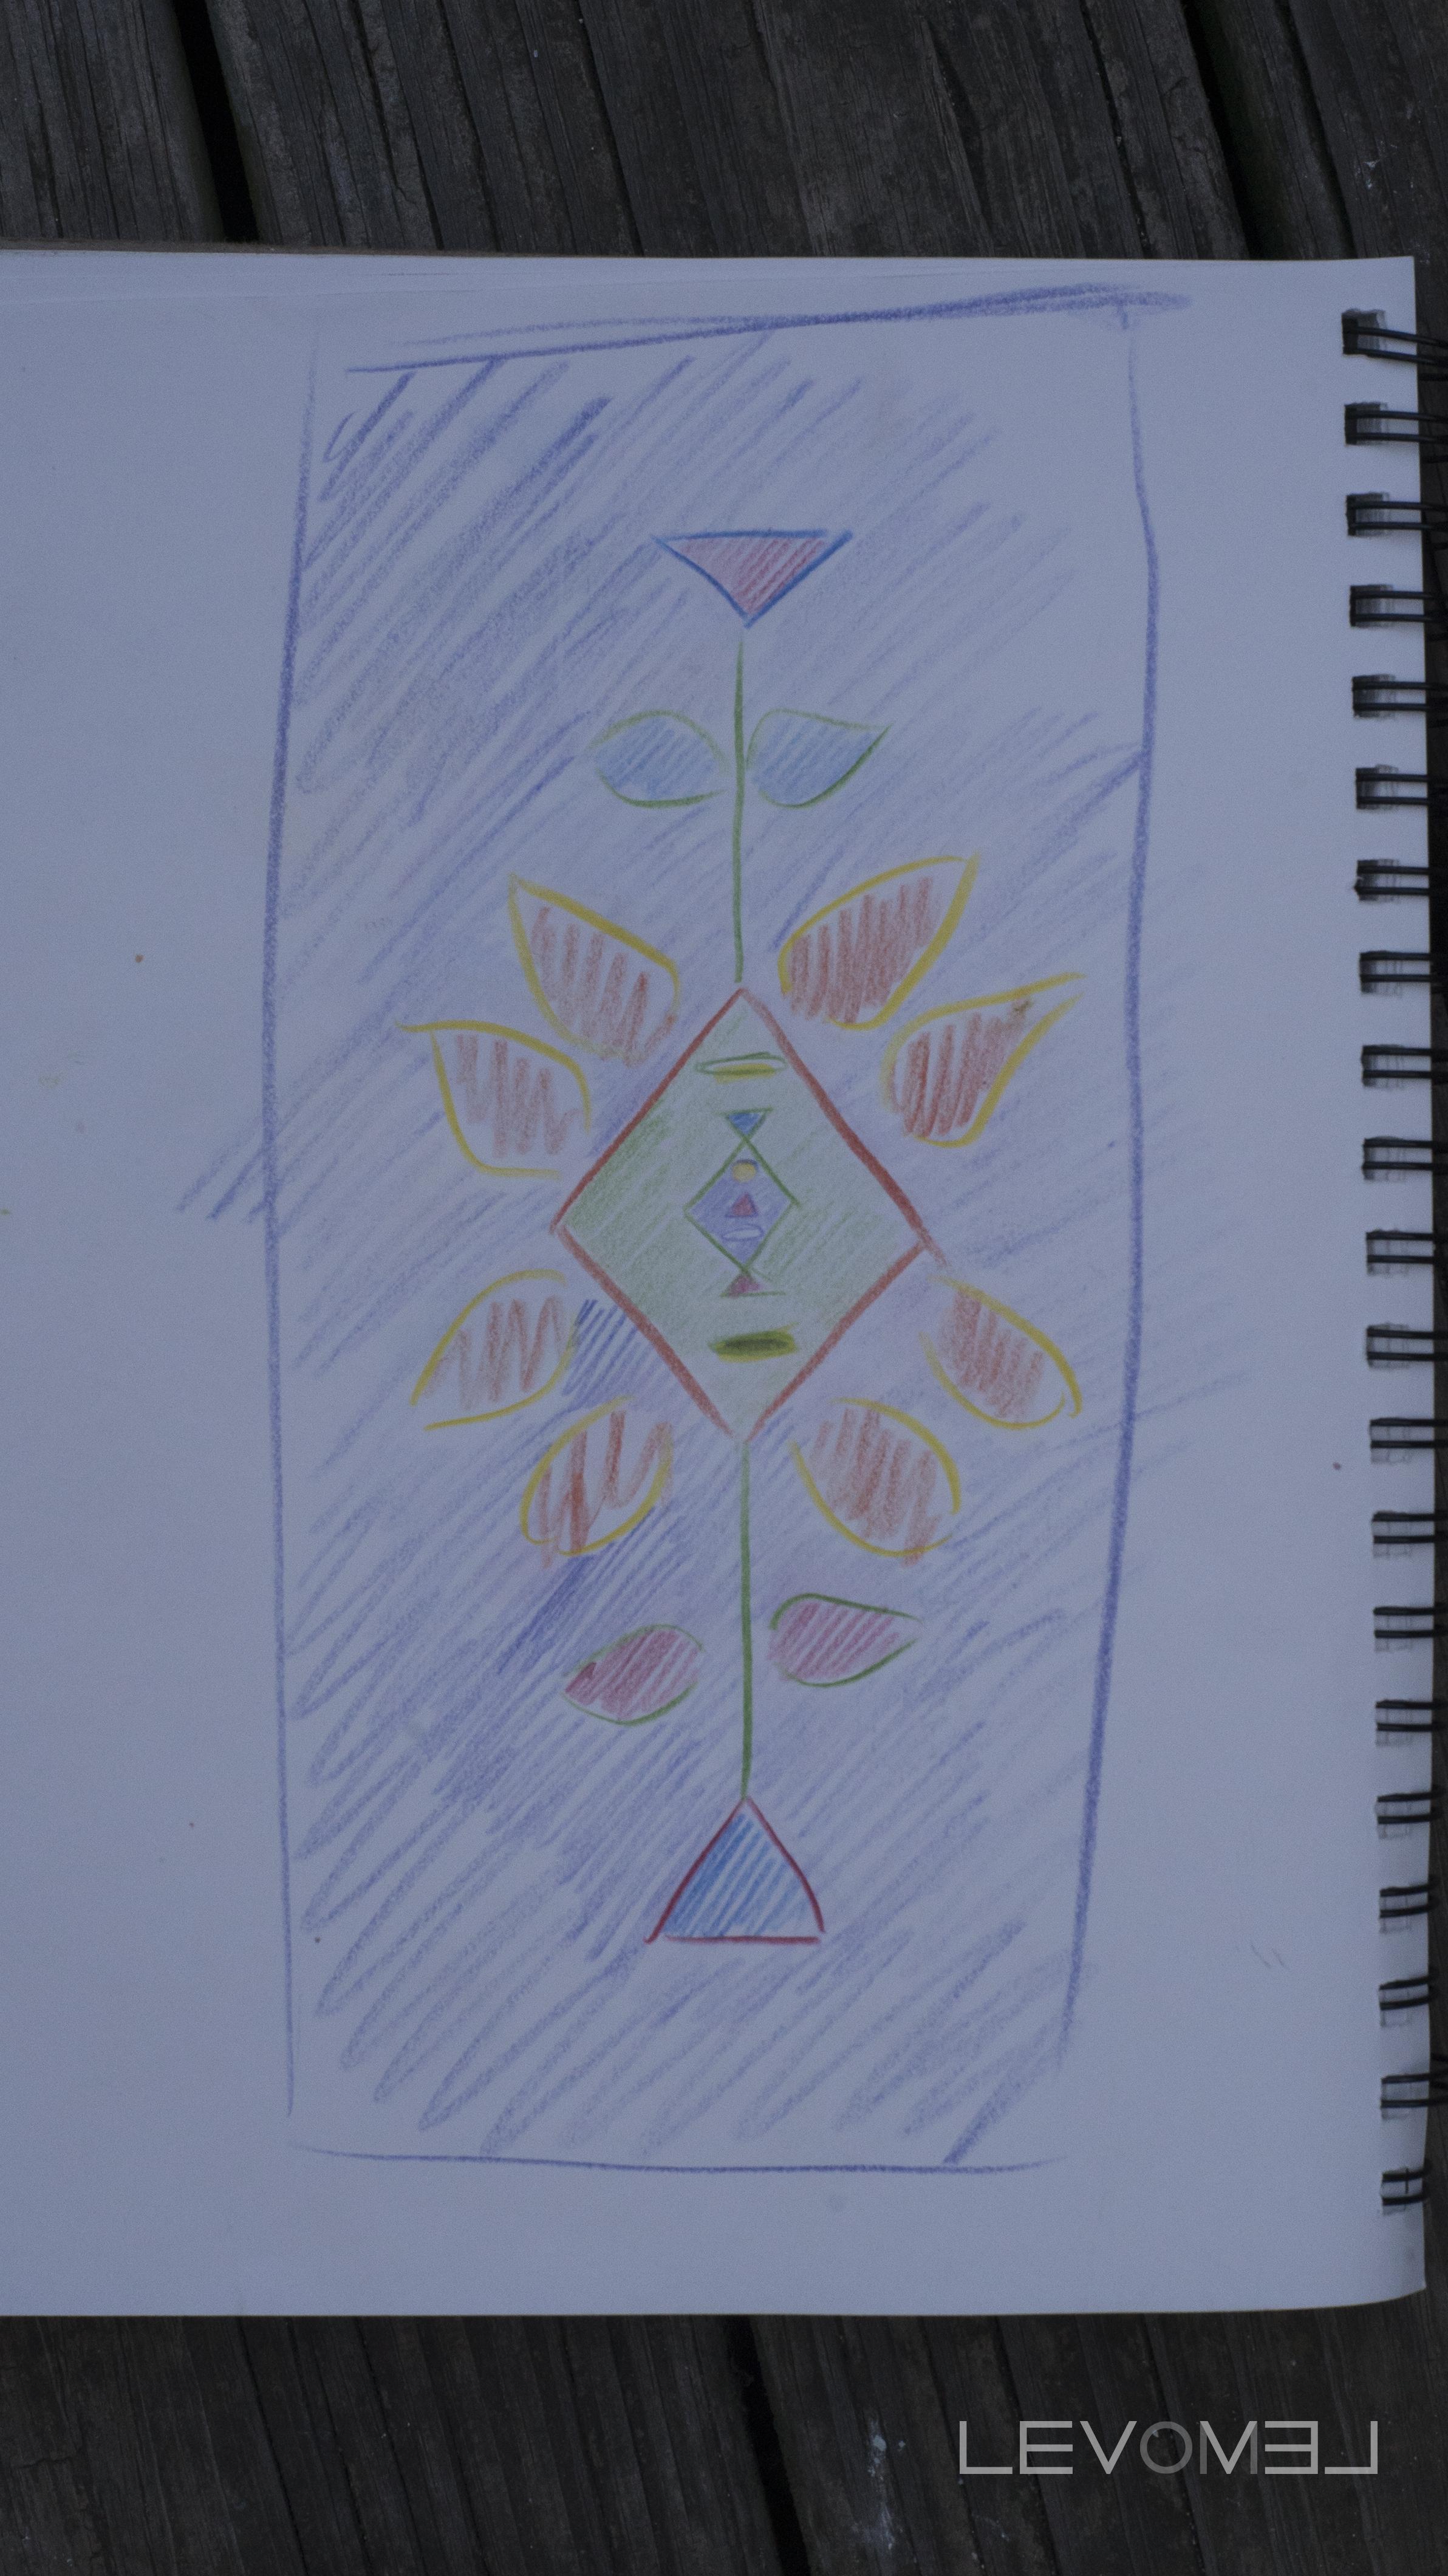 mural_sketch6.jpg